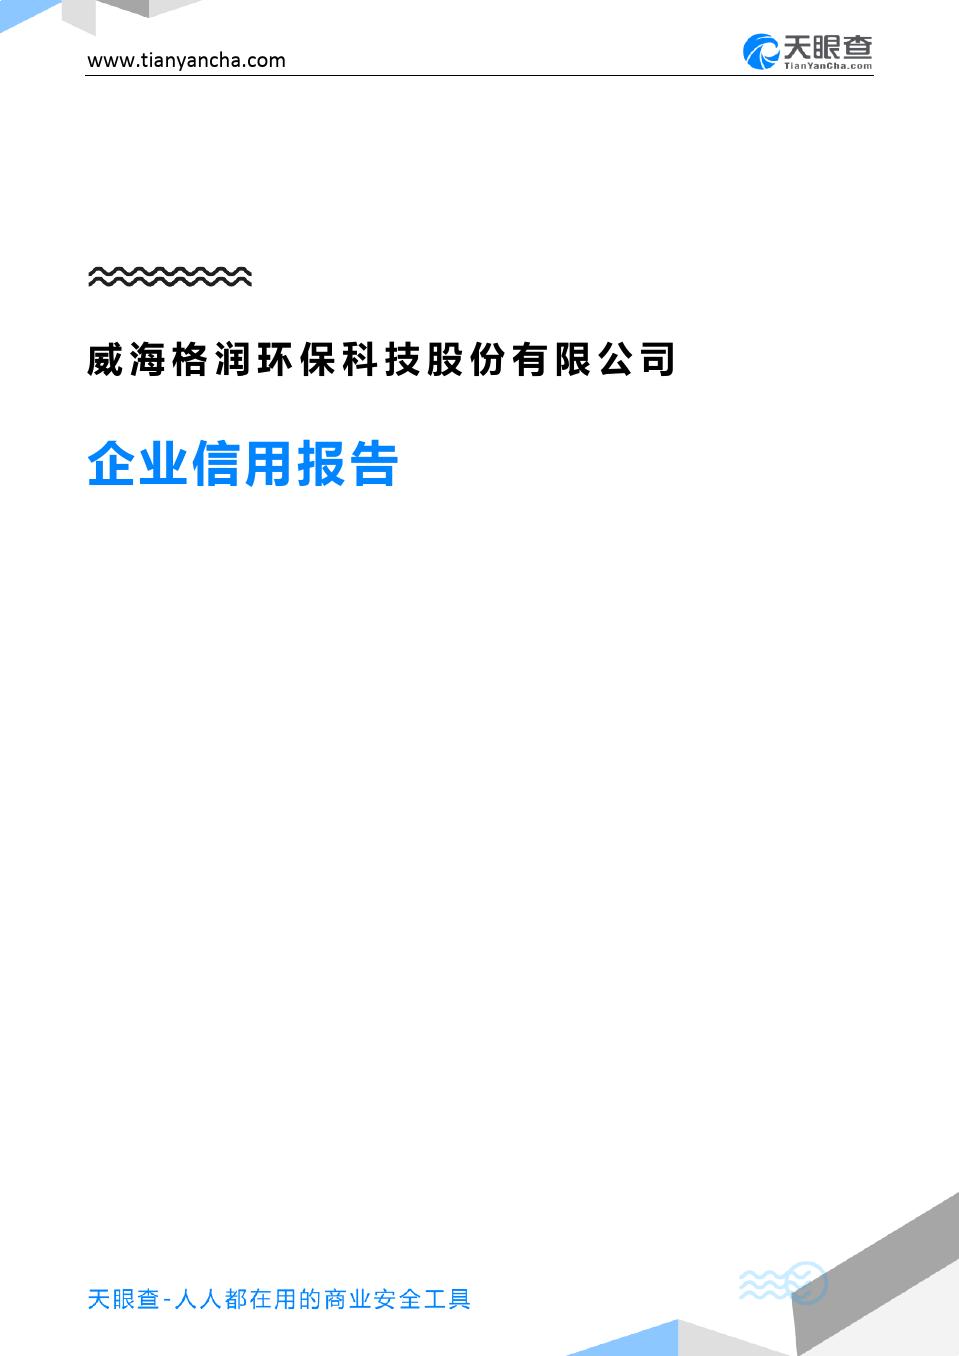 威海格润环保科技股份有限公司(企业信用报告)- 天眼查